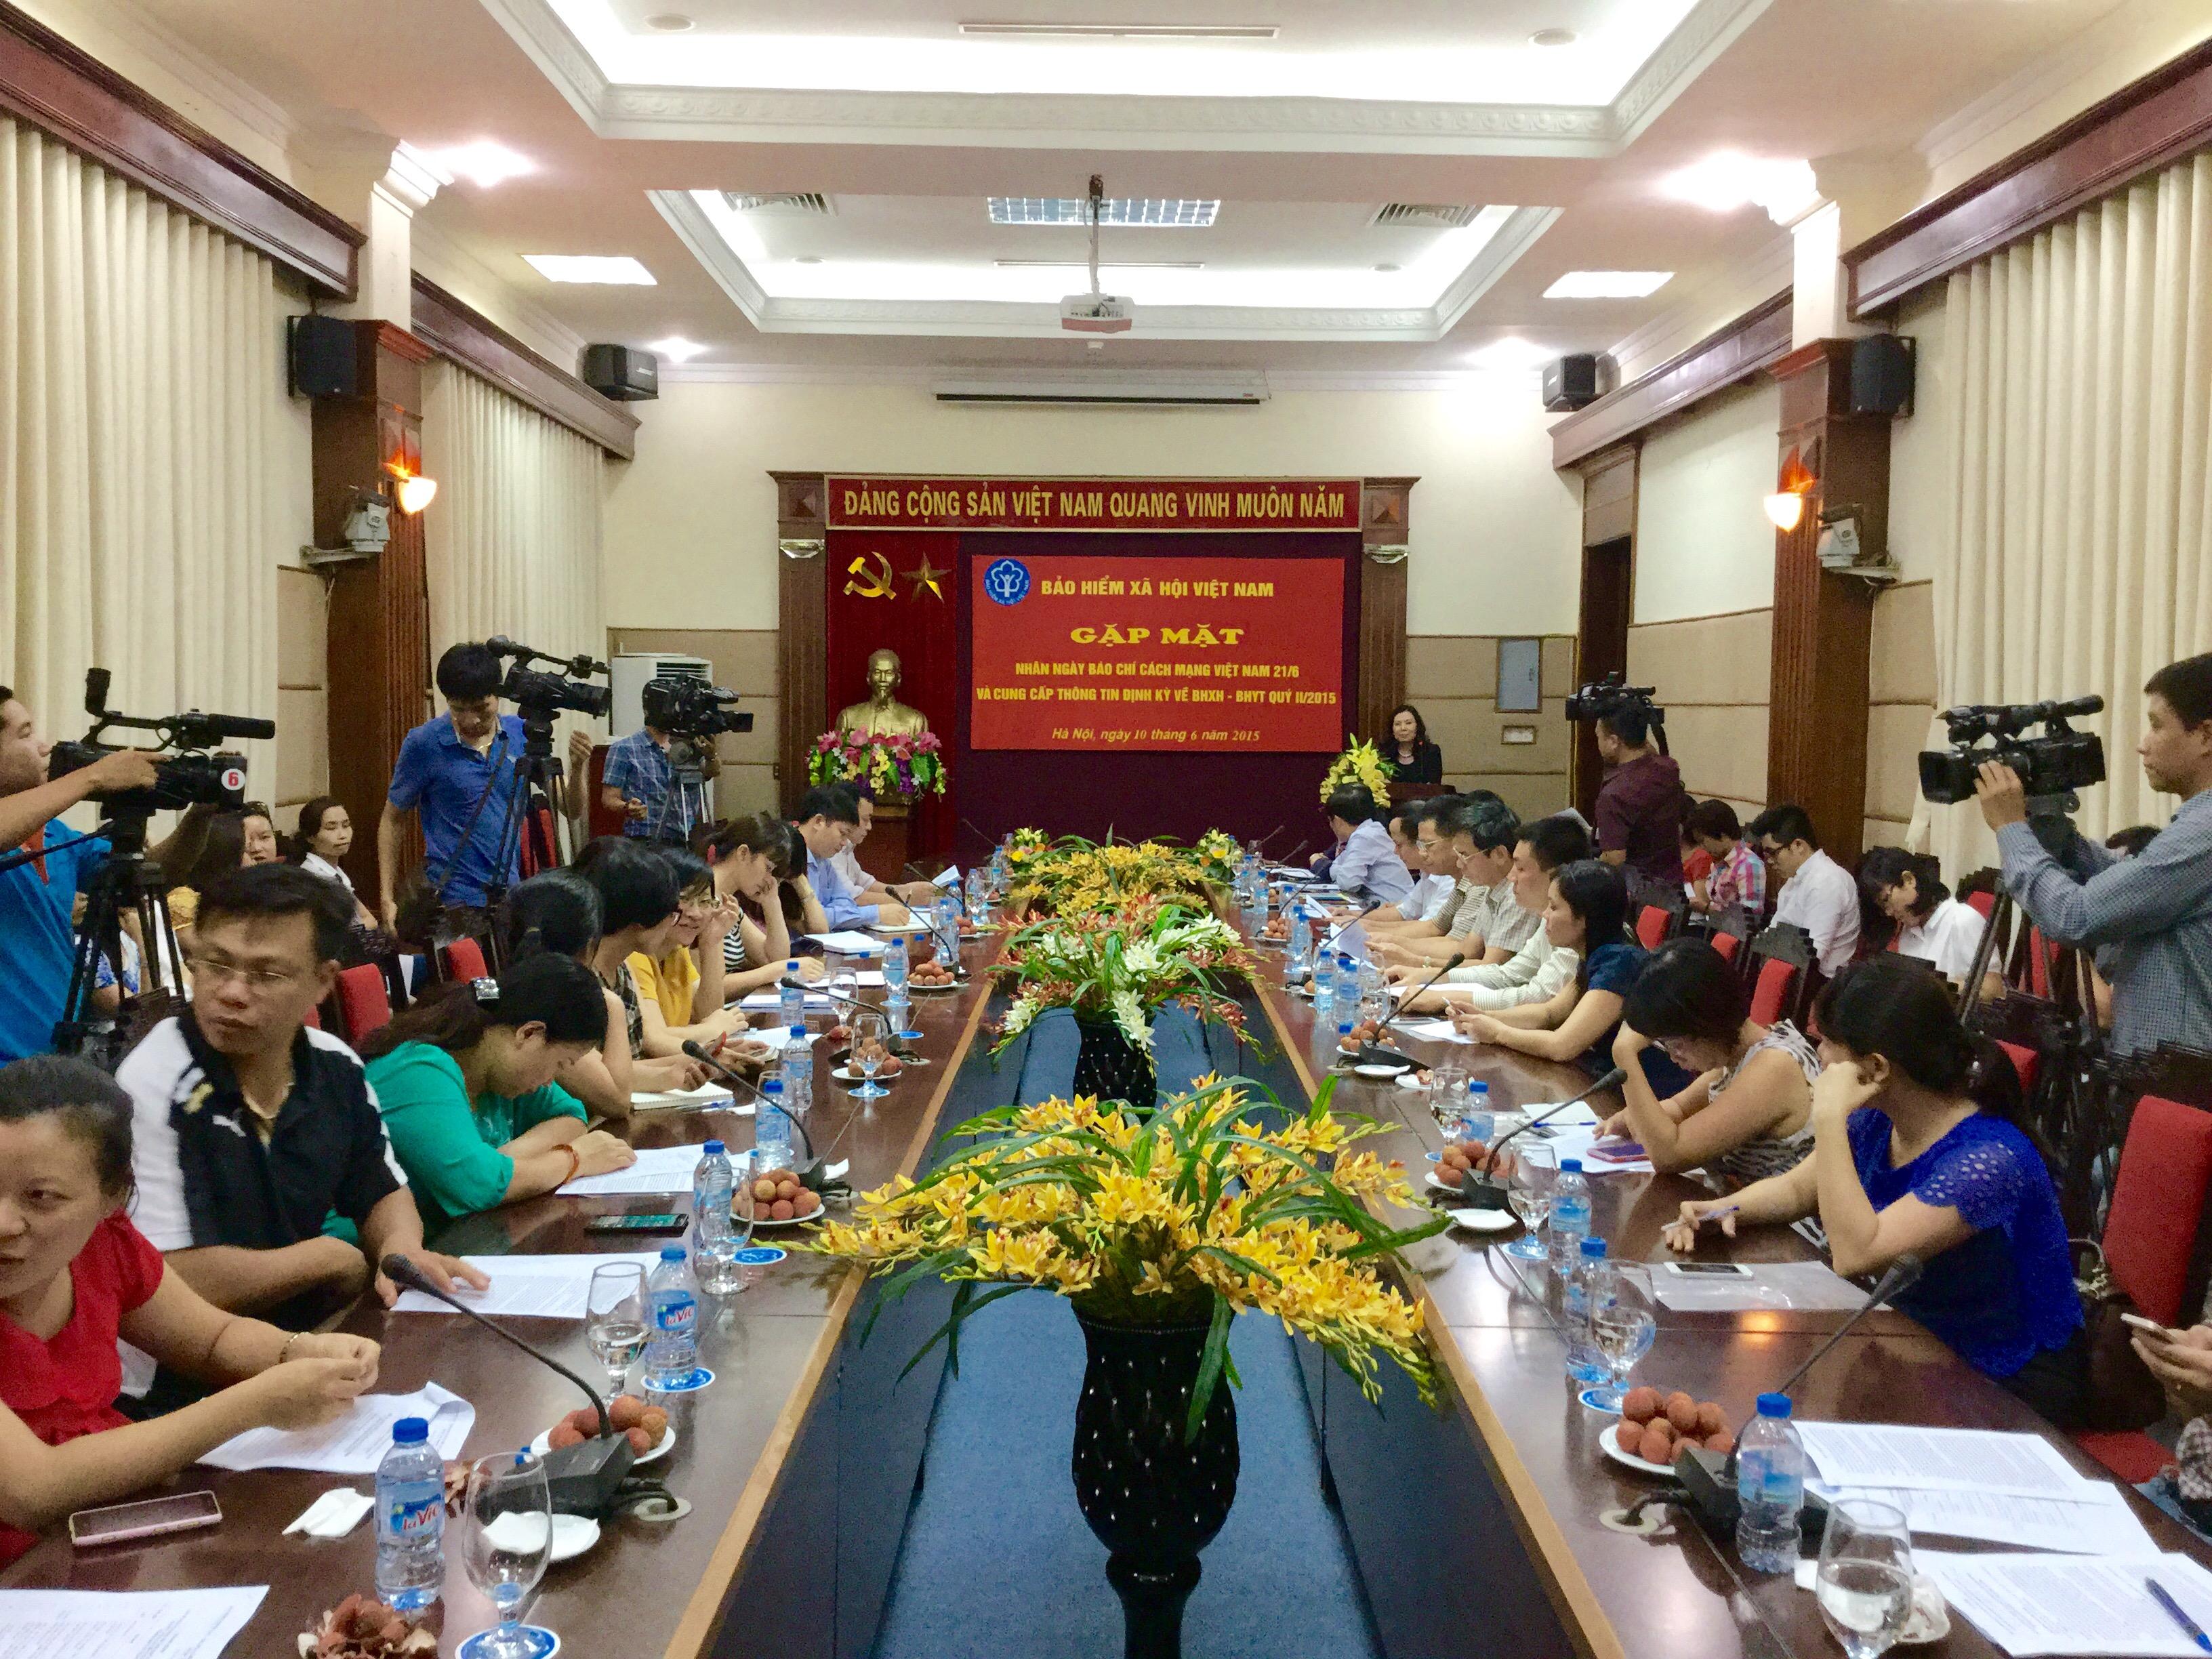 Thời sự đêm ngày 10/6/2015: Tại buổi họp báo chiều nay, đại diện Bảo hiểm xã hội Việt Nam khẳng định, thông tin về tỷ lệ người tham gia bảo hiểm y tế bị sụt giảm là không chính xác.